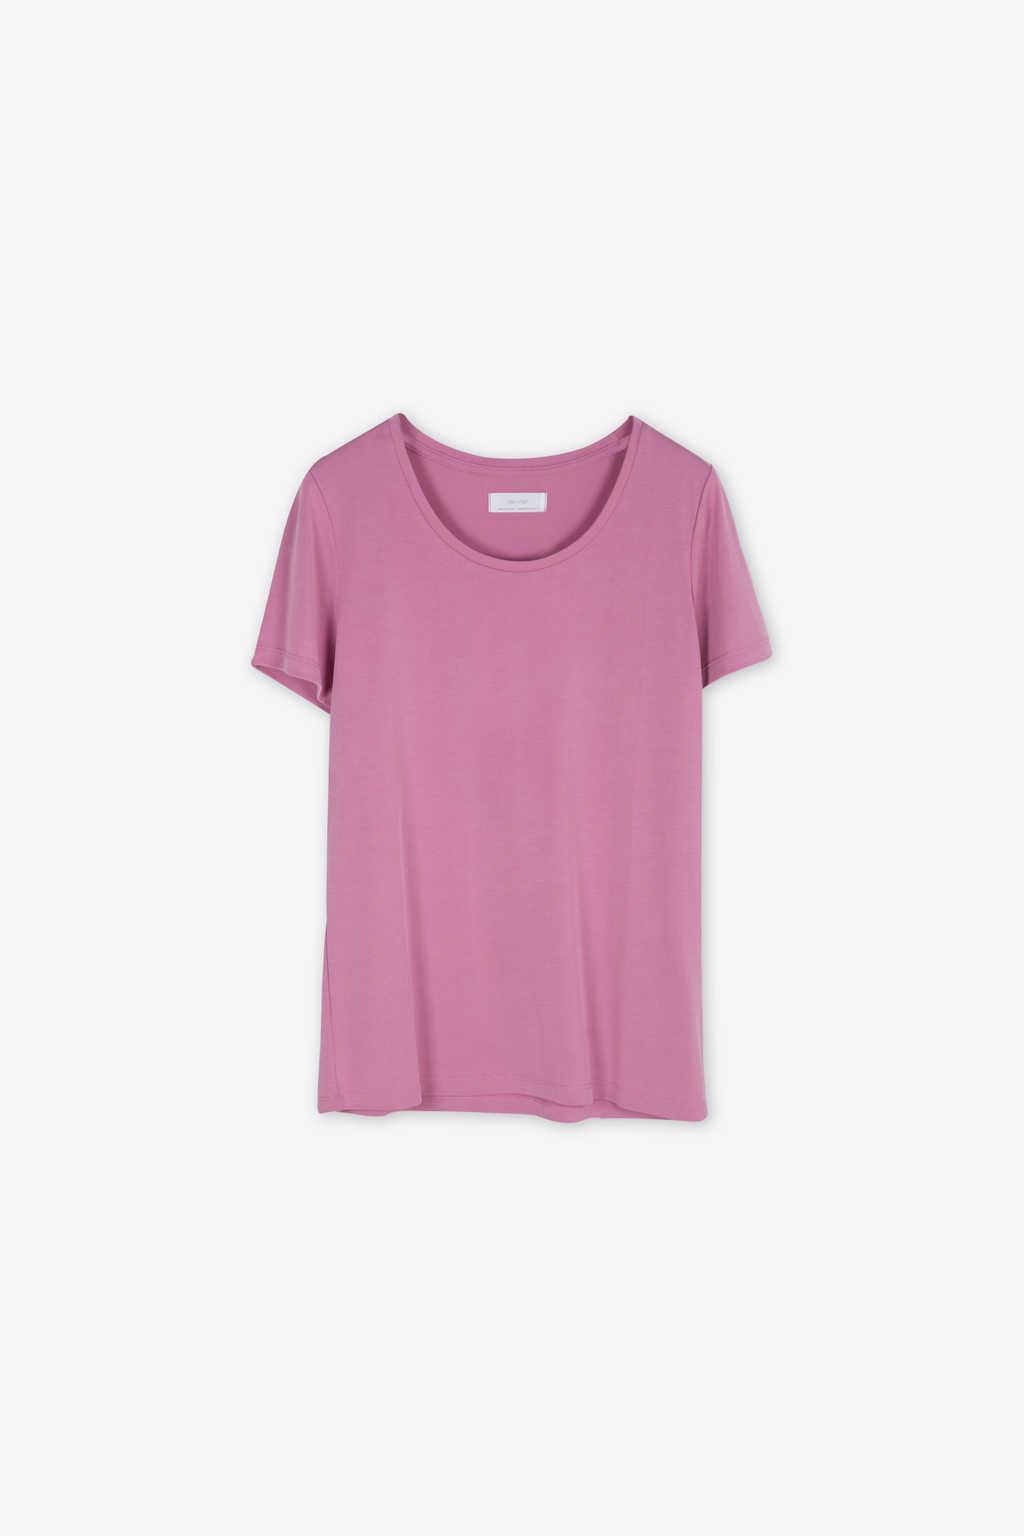 TShirt 2139 Pink 5